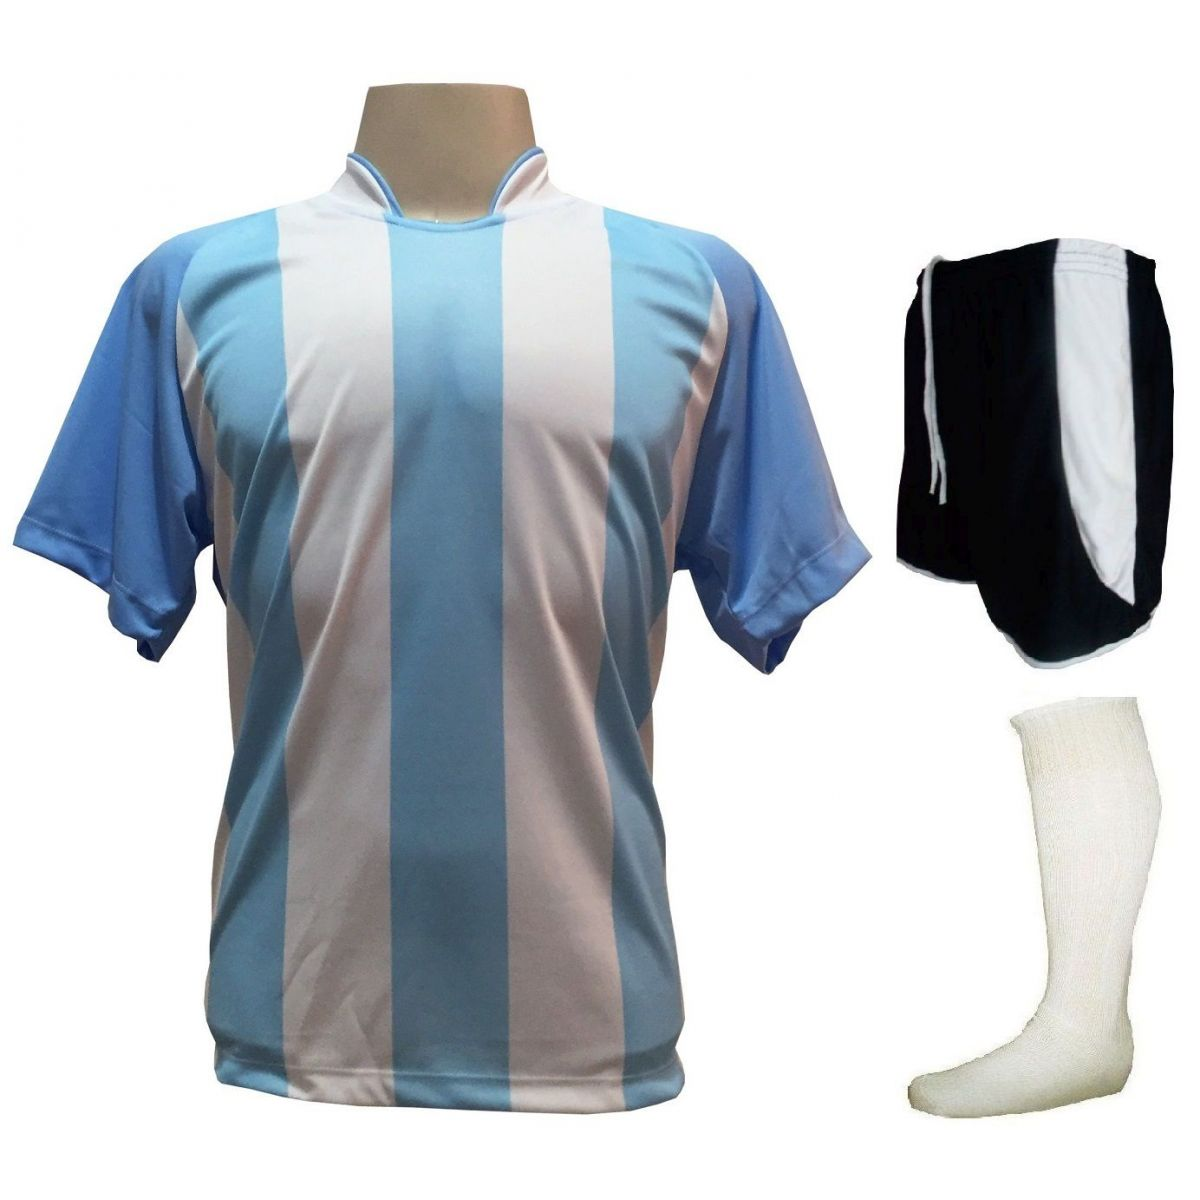 Uniforme Esportivo com 18 camisas modelo Milan Celeste Branco + 18 calções  modelo Copa Preto ... b8dfee35e8e9e